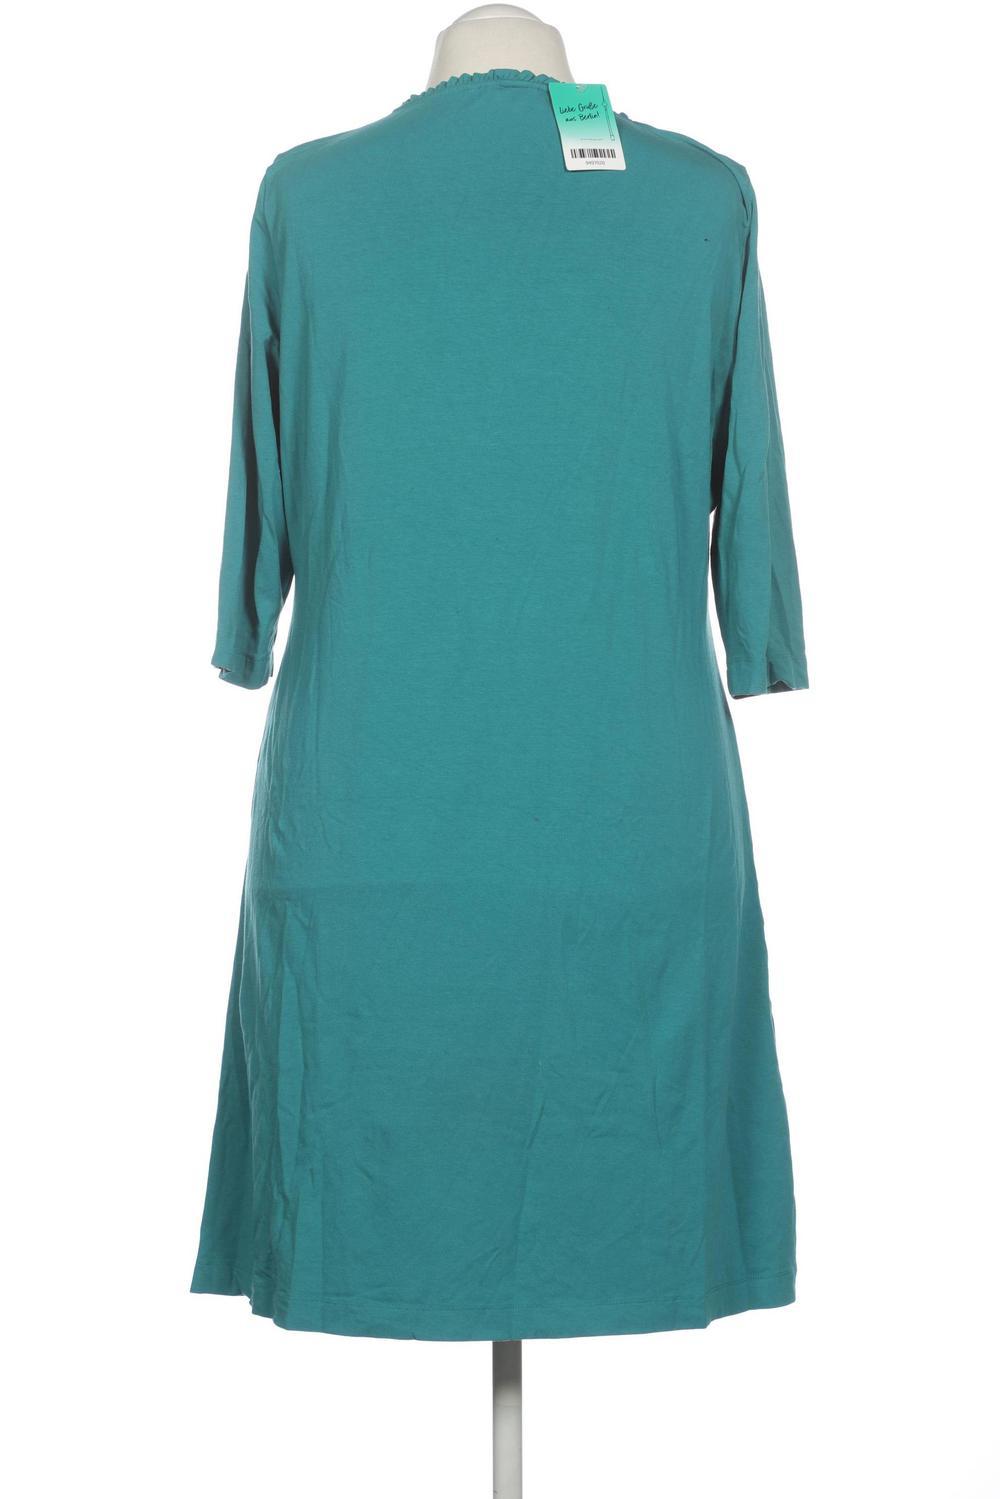 Deerberg Damen Kleid INT XXL Second Hand kaufen | ubup